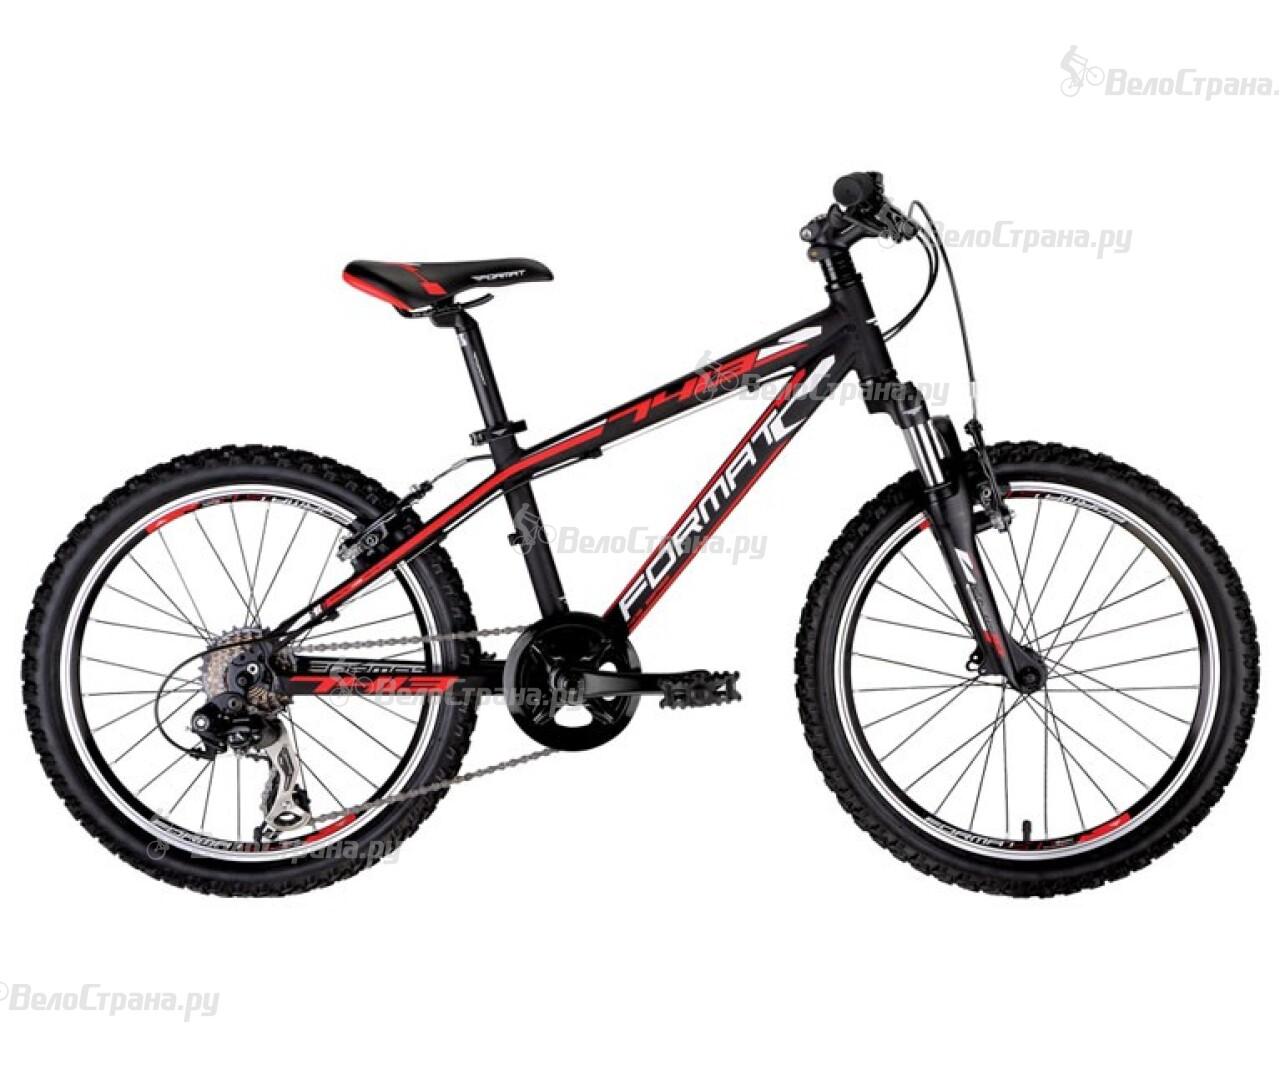 Велосипед Format 7413 (2014) велосипед format 1212 2014